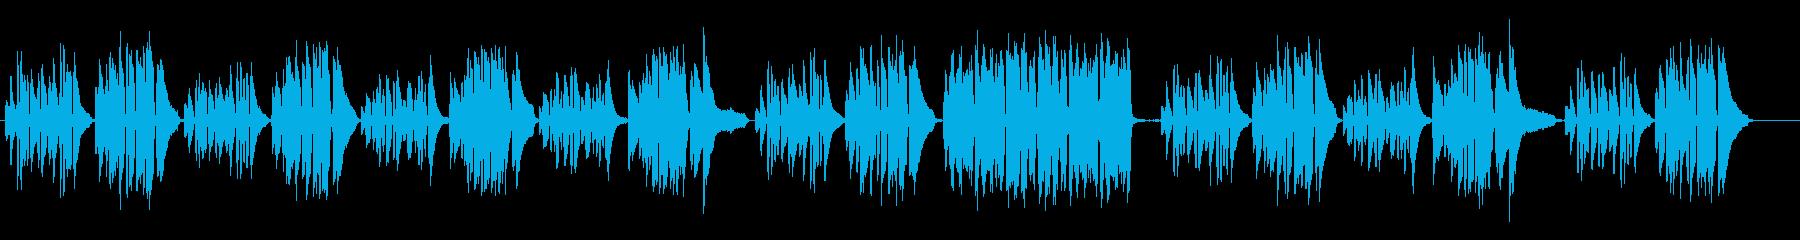 不安な雰囲気のピアノソロクラシックの再生済みの波形